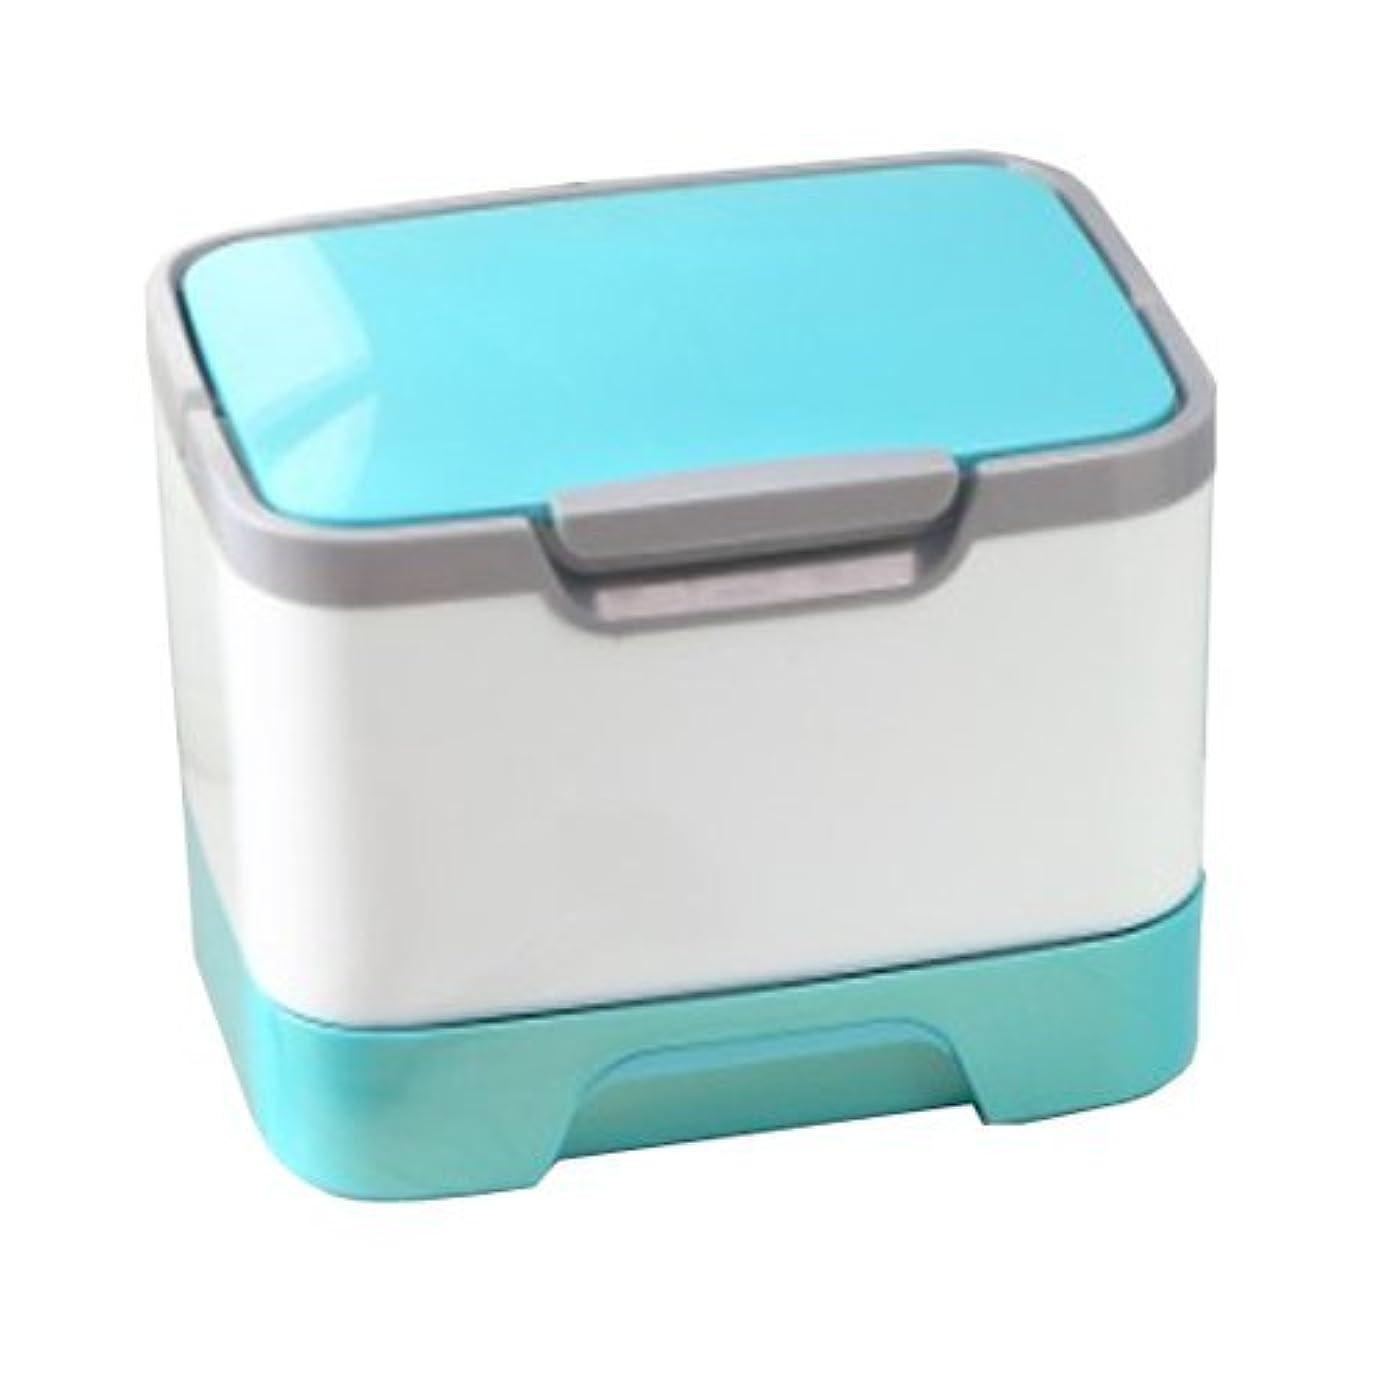 必要重なる売るメイクボックス 大容量 かわいい 鏡付き プロも納得 コスメの収納に (ピンク、ブルー、グリーン)